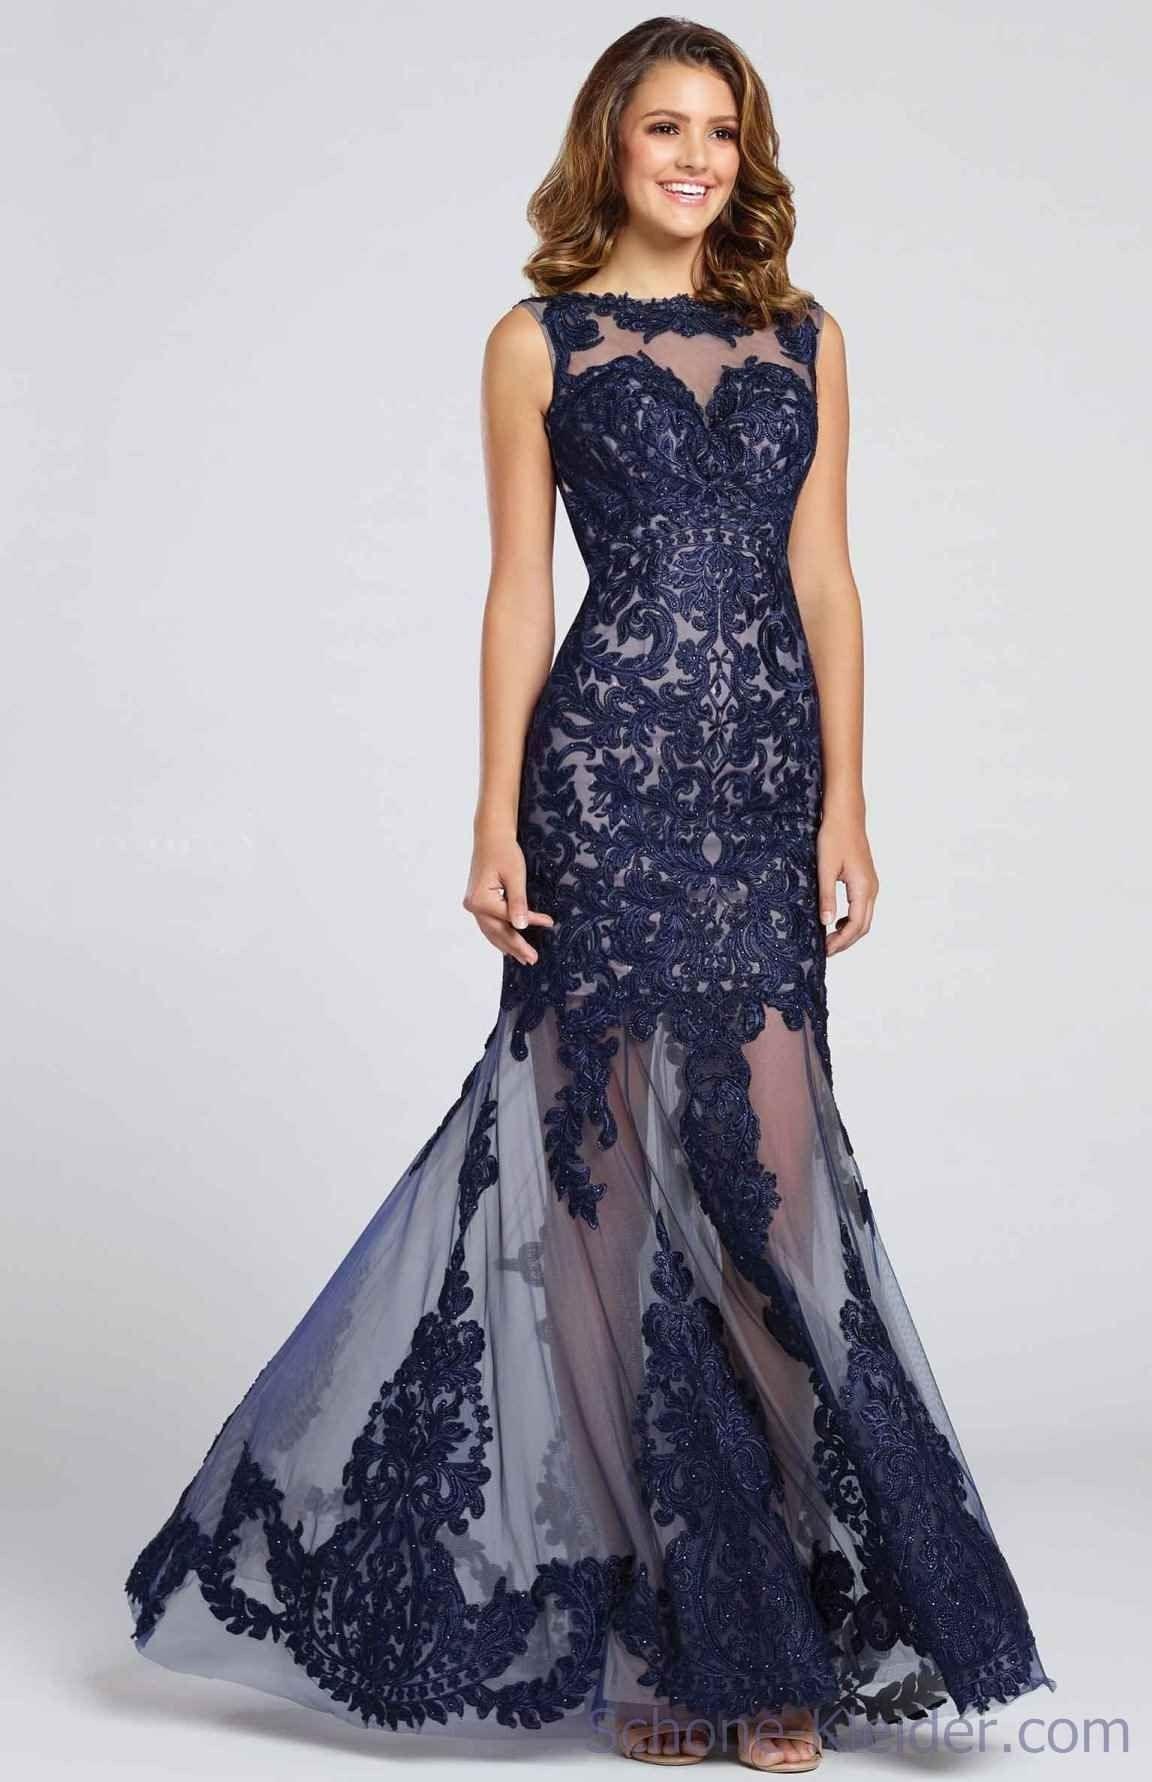 8 Luxurius Lange Abendkleider Eng Design - Abendkleid